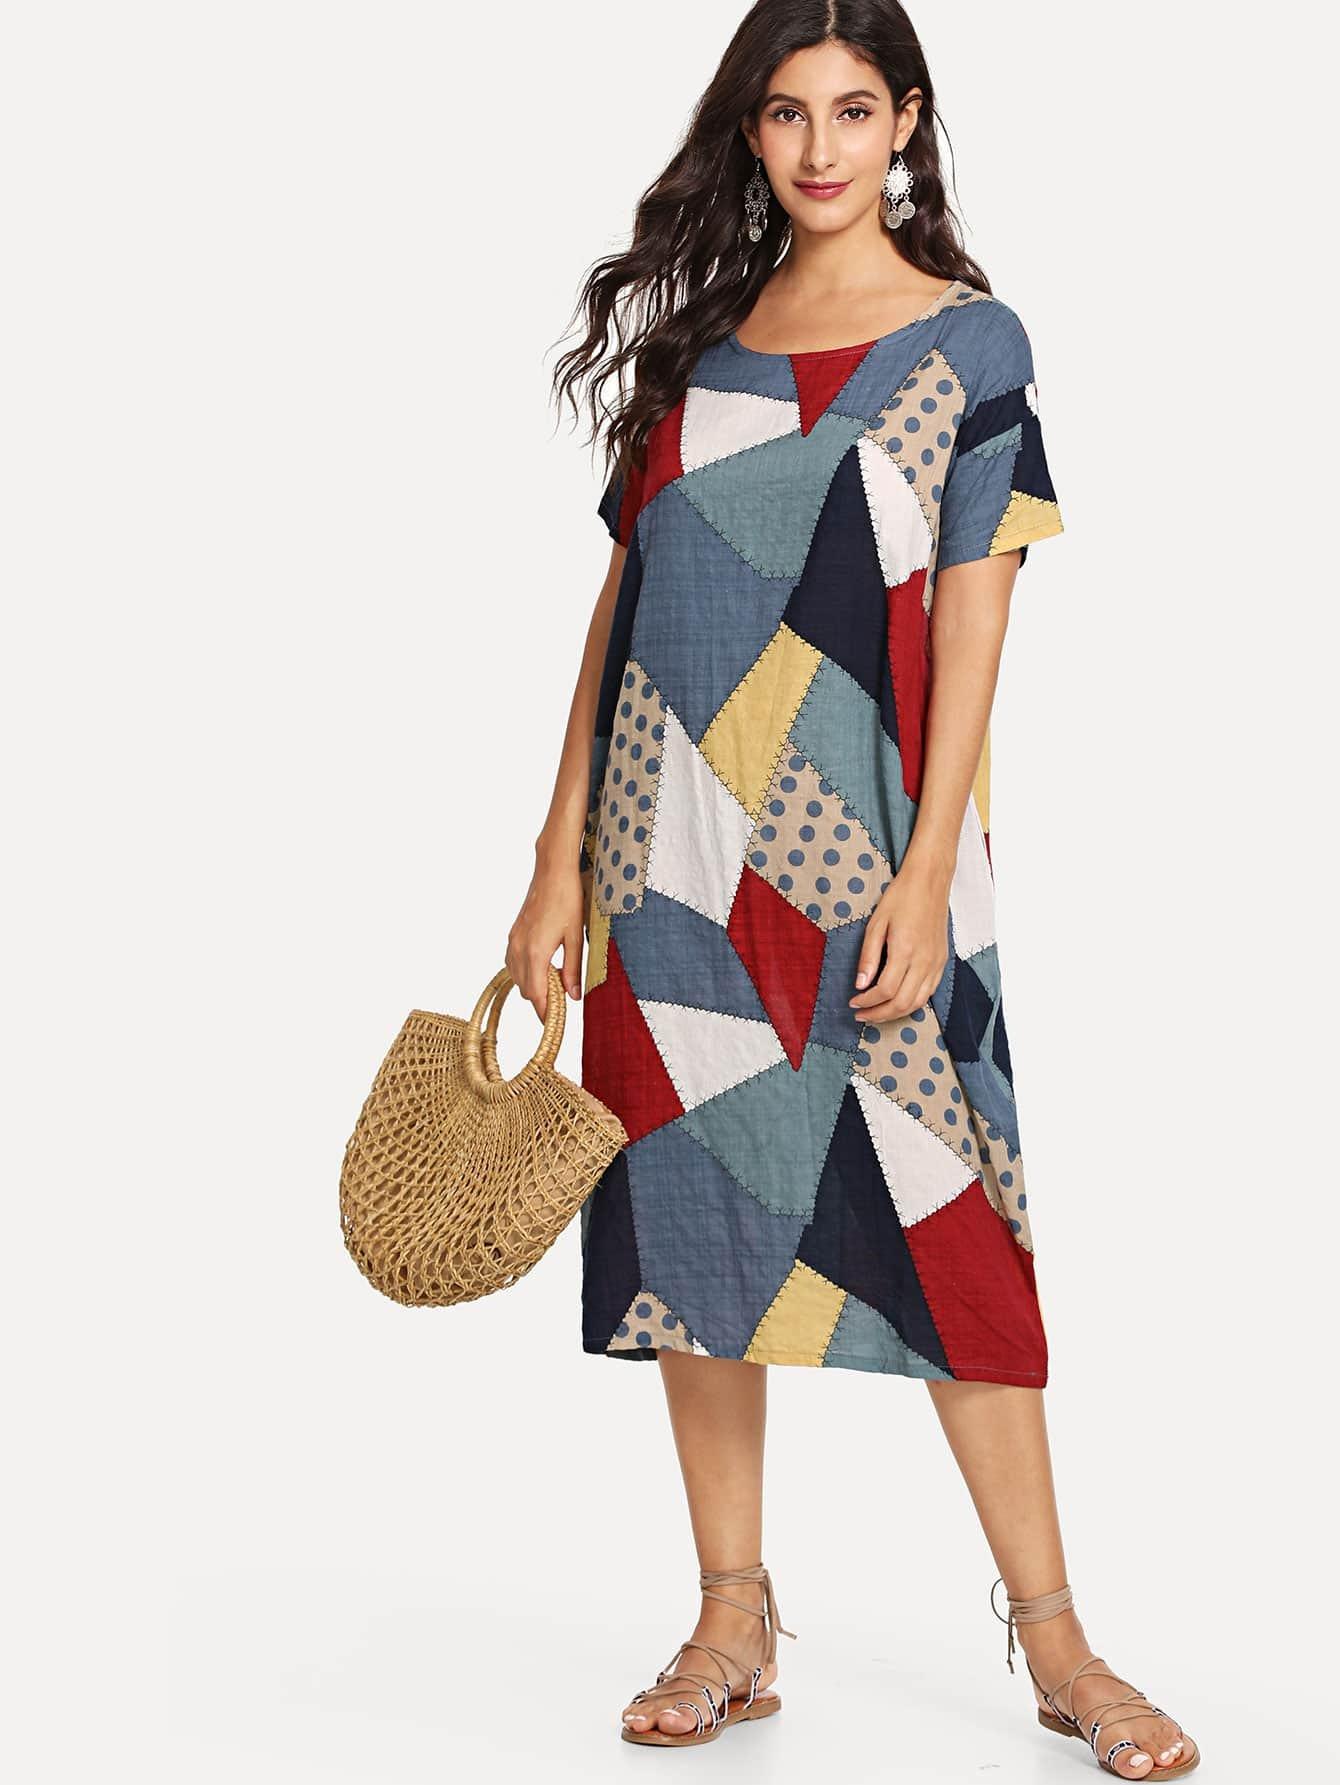 Patchwork Hidden Pocket Dress hidden pocket striped dress